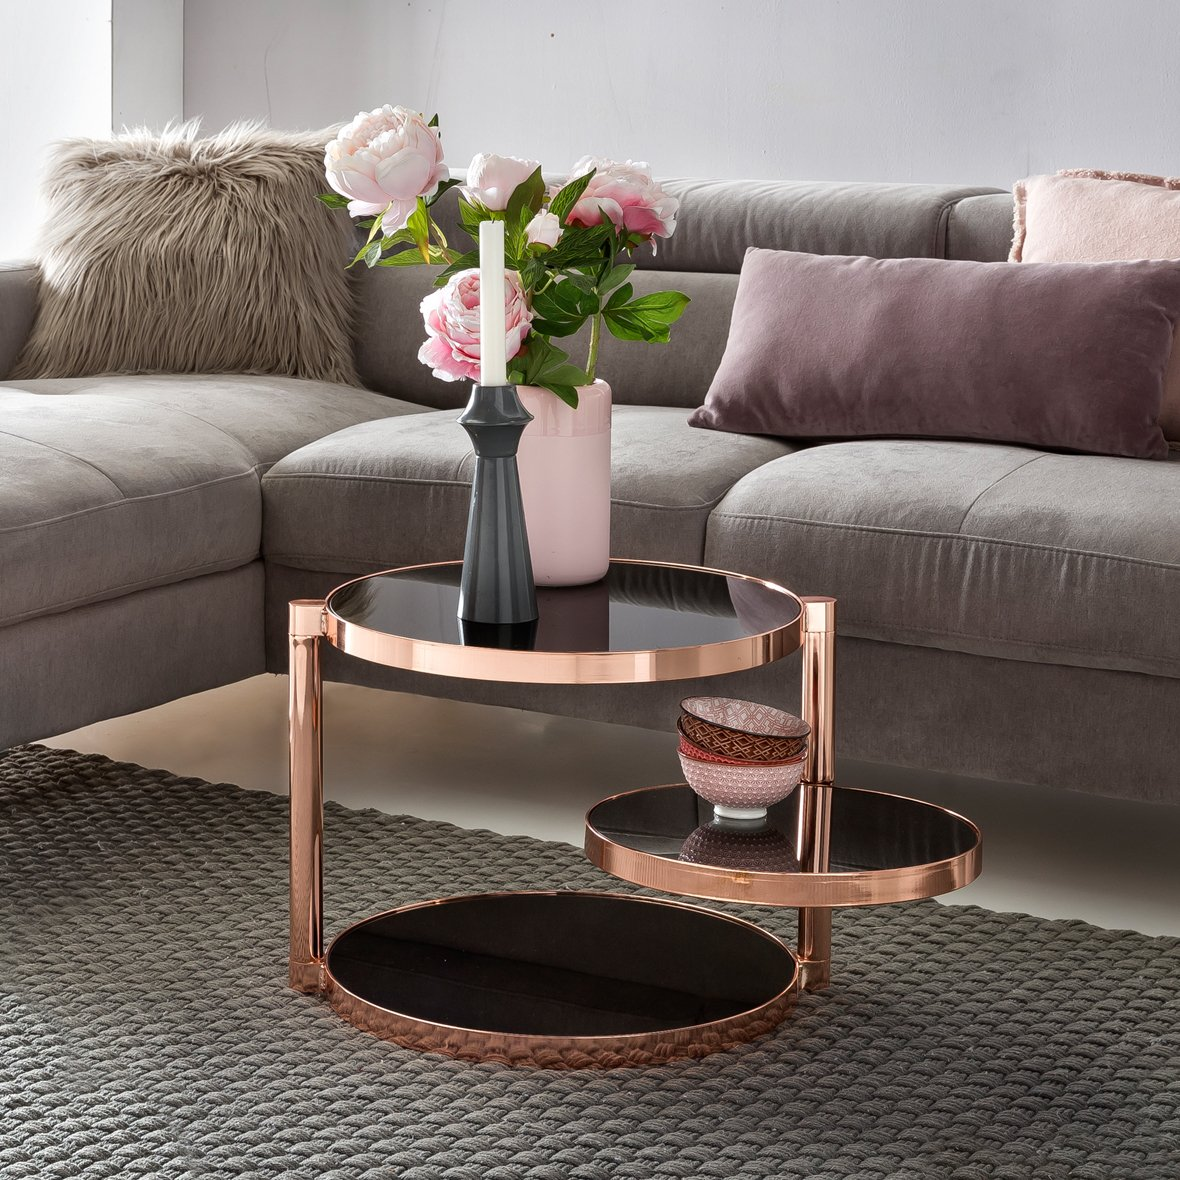 FineBuy Design Couchtisch Circle ø 45cm Rund Glas Kupfer mit Ablage   Wohnzimmertisch 3 Ebenen Glasplatte Schwarz   Beistelltisch Sofatisch Tisch Modern